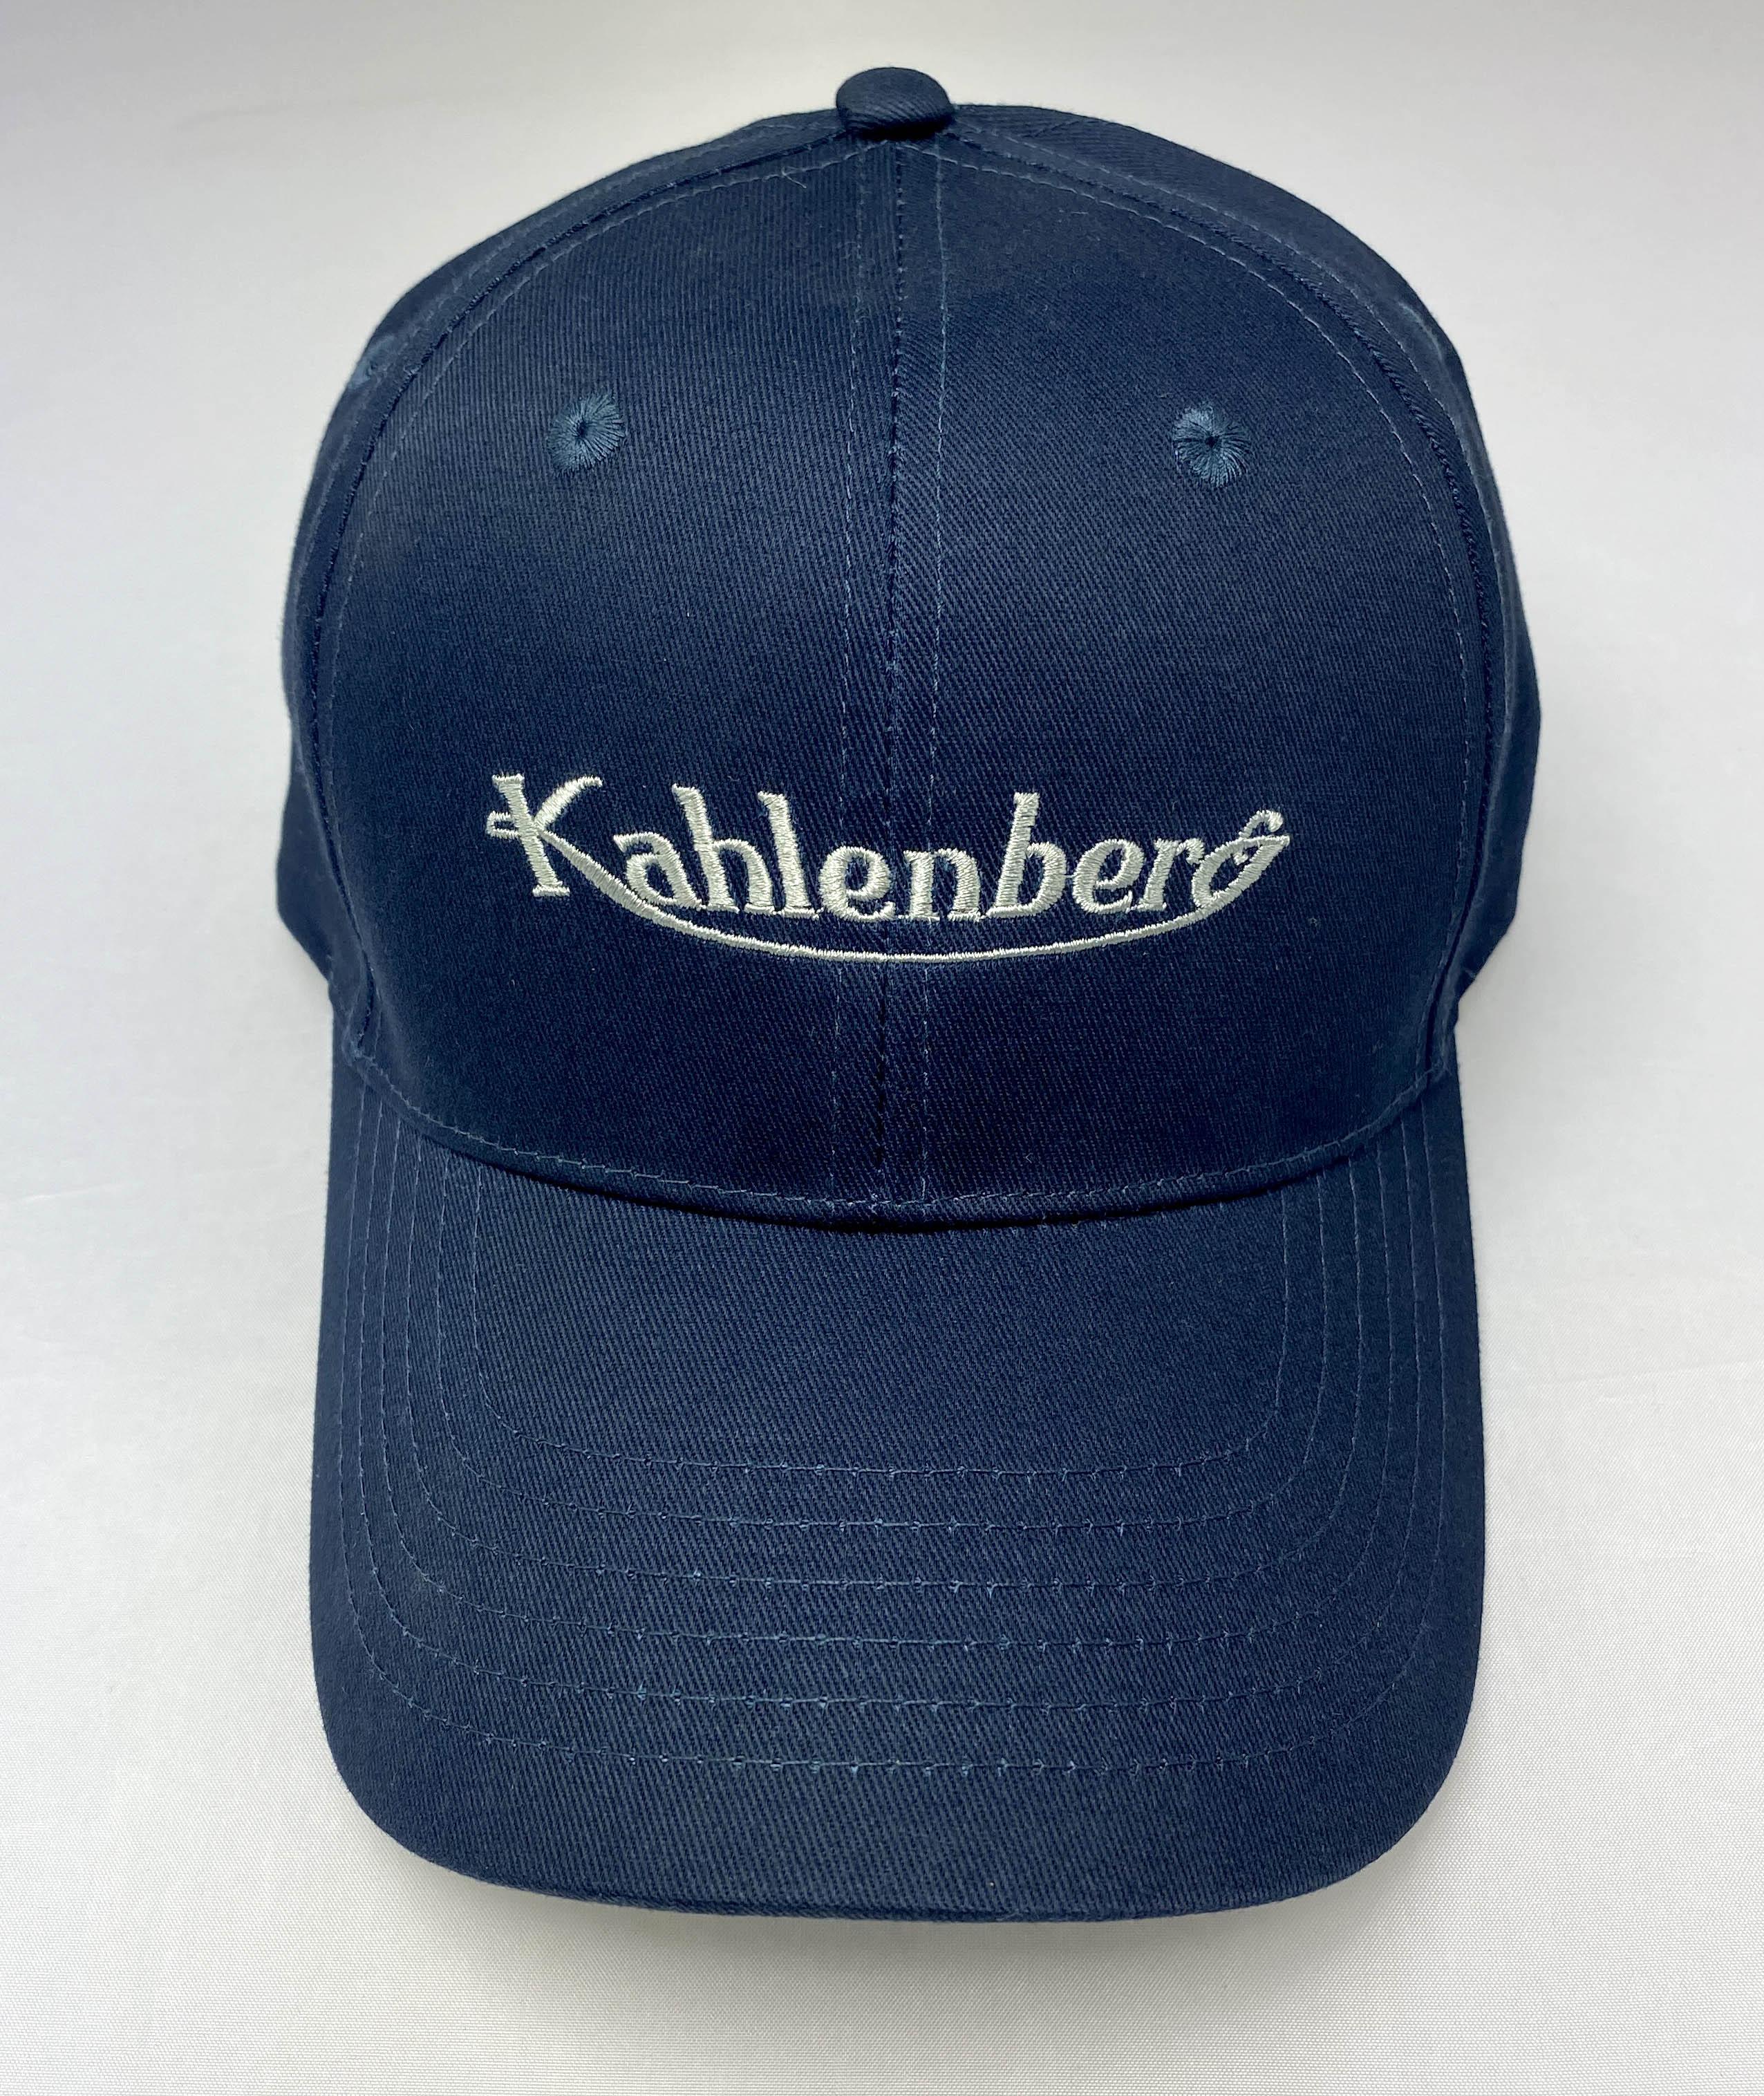 Kahlenberg Merchandise